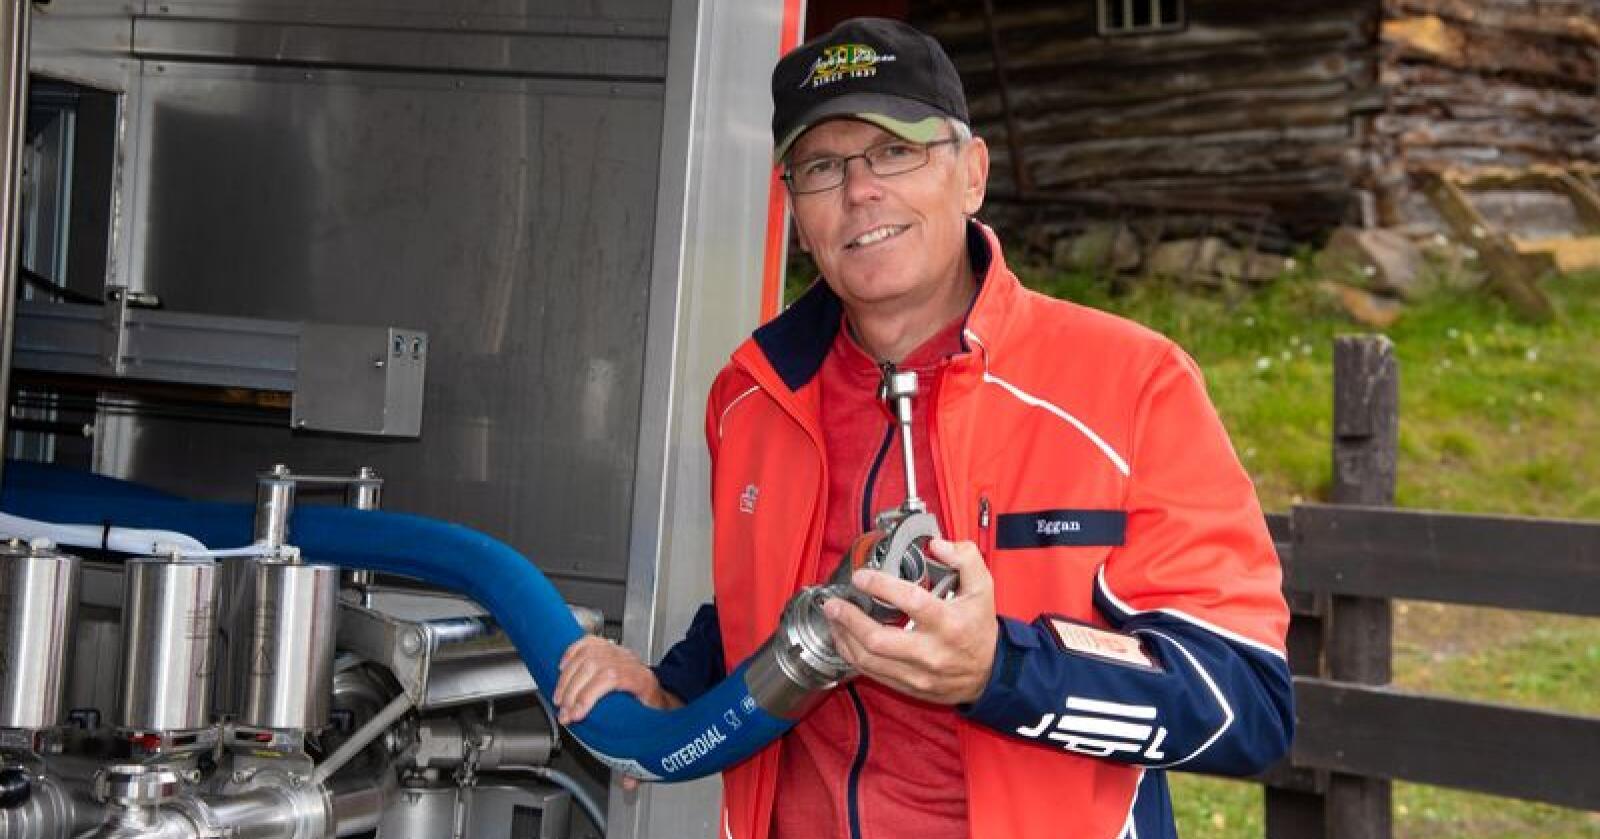 Frode Eggan demonstrerer det nye slangesystemet Tine testkjører i Nord-Østerdalen. Foto: Olav Håland